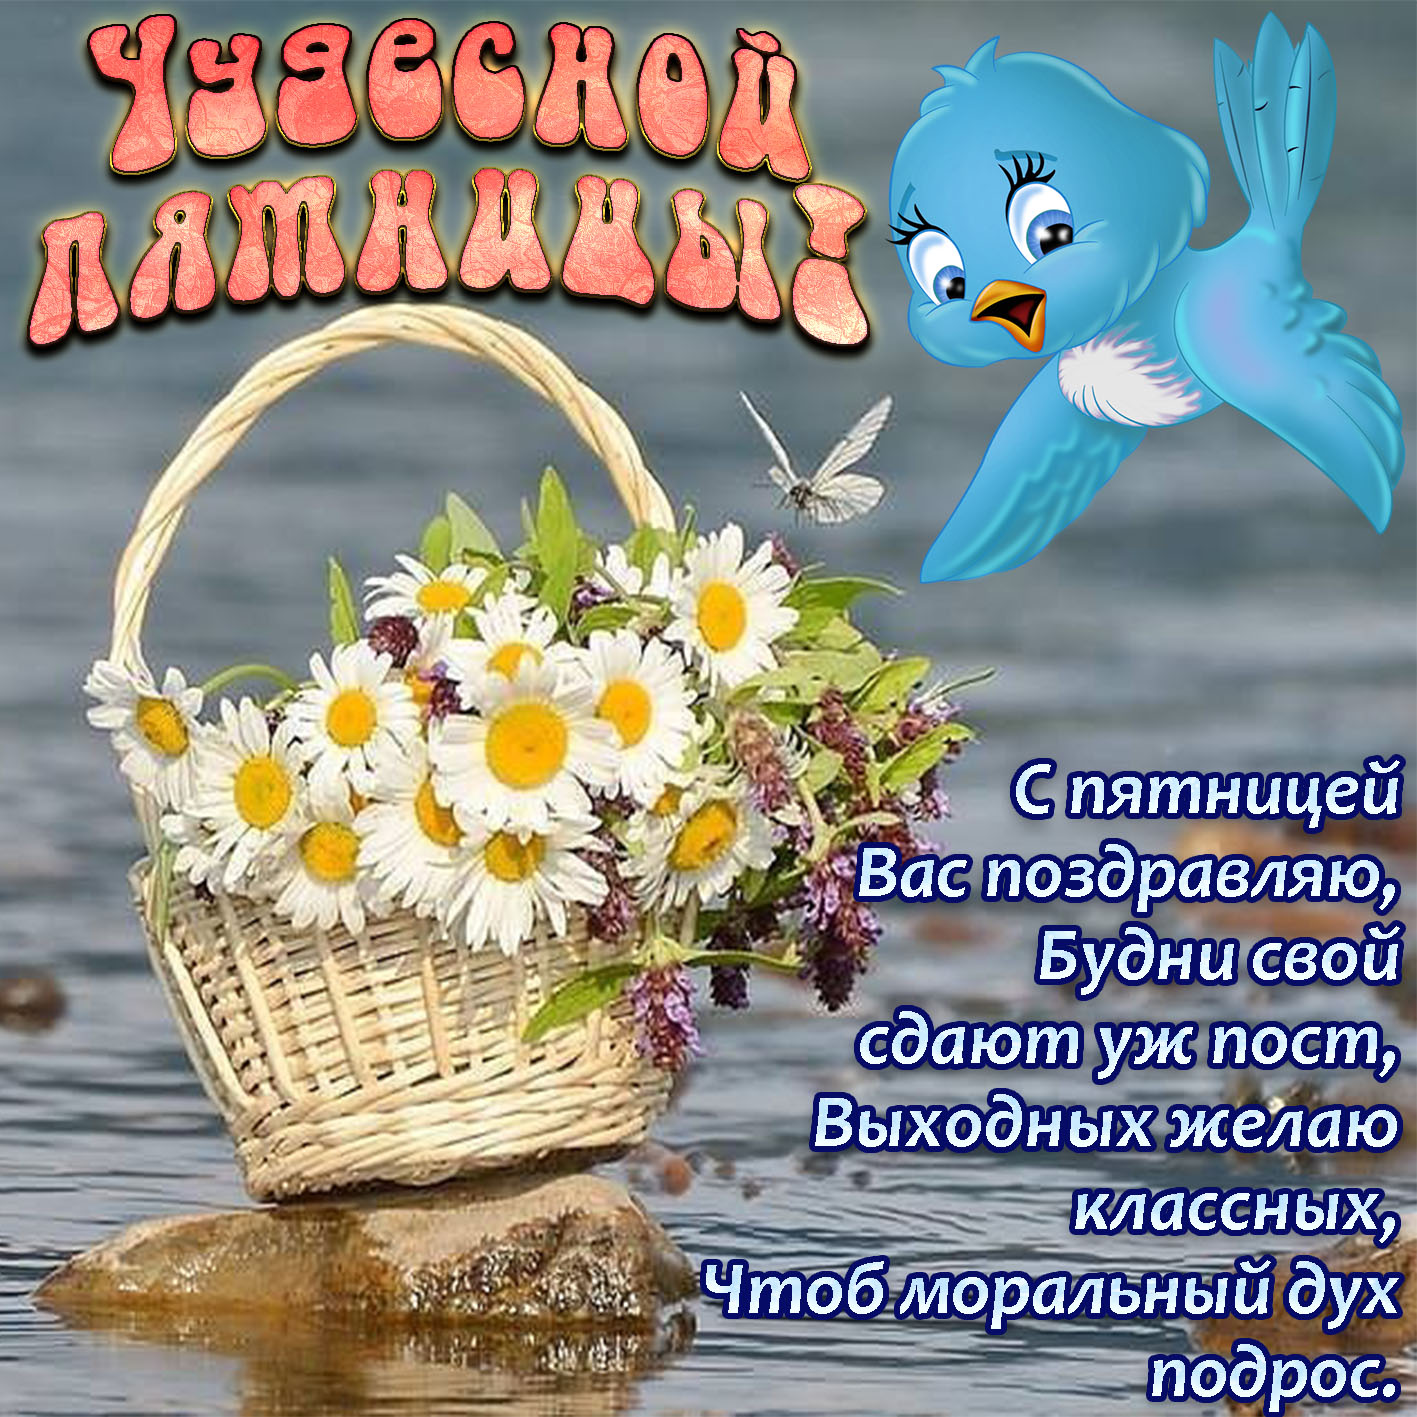 Картинка с птичкой и корзиной цветов на пятницу